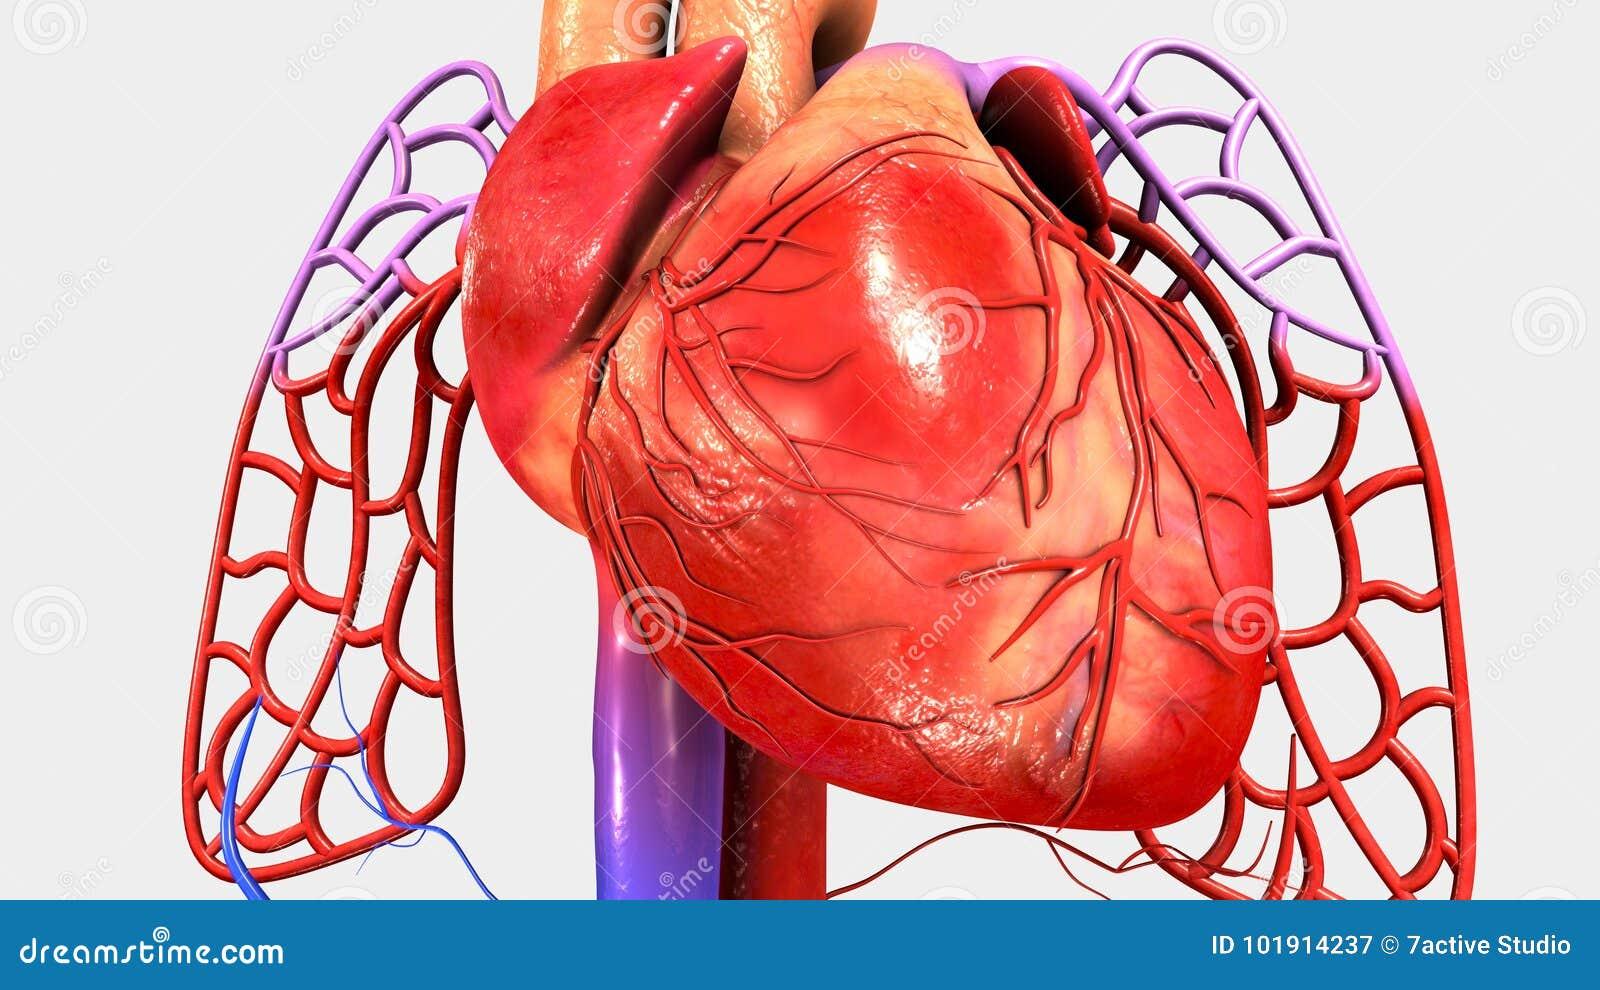 Herz mit Kreislaufsystem stock abbildung. Illustration von organe ...